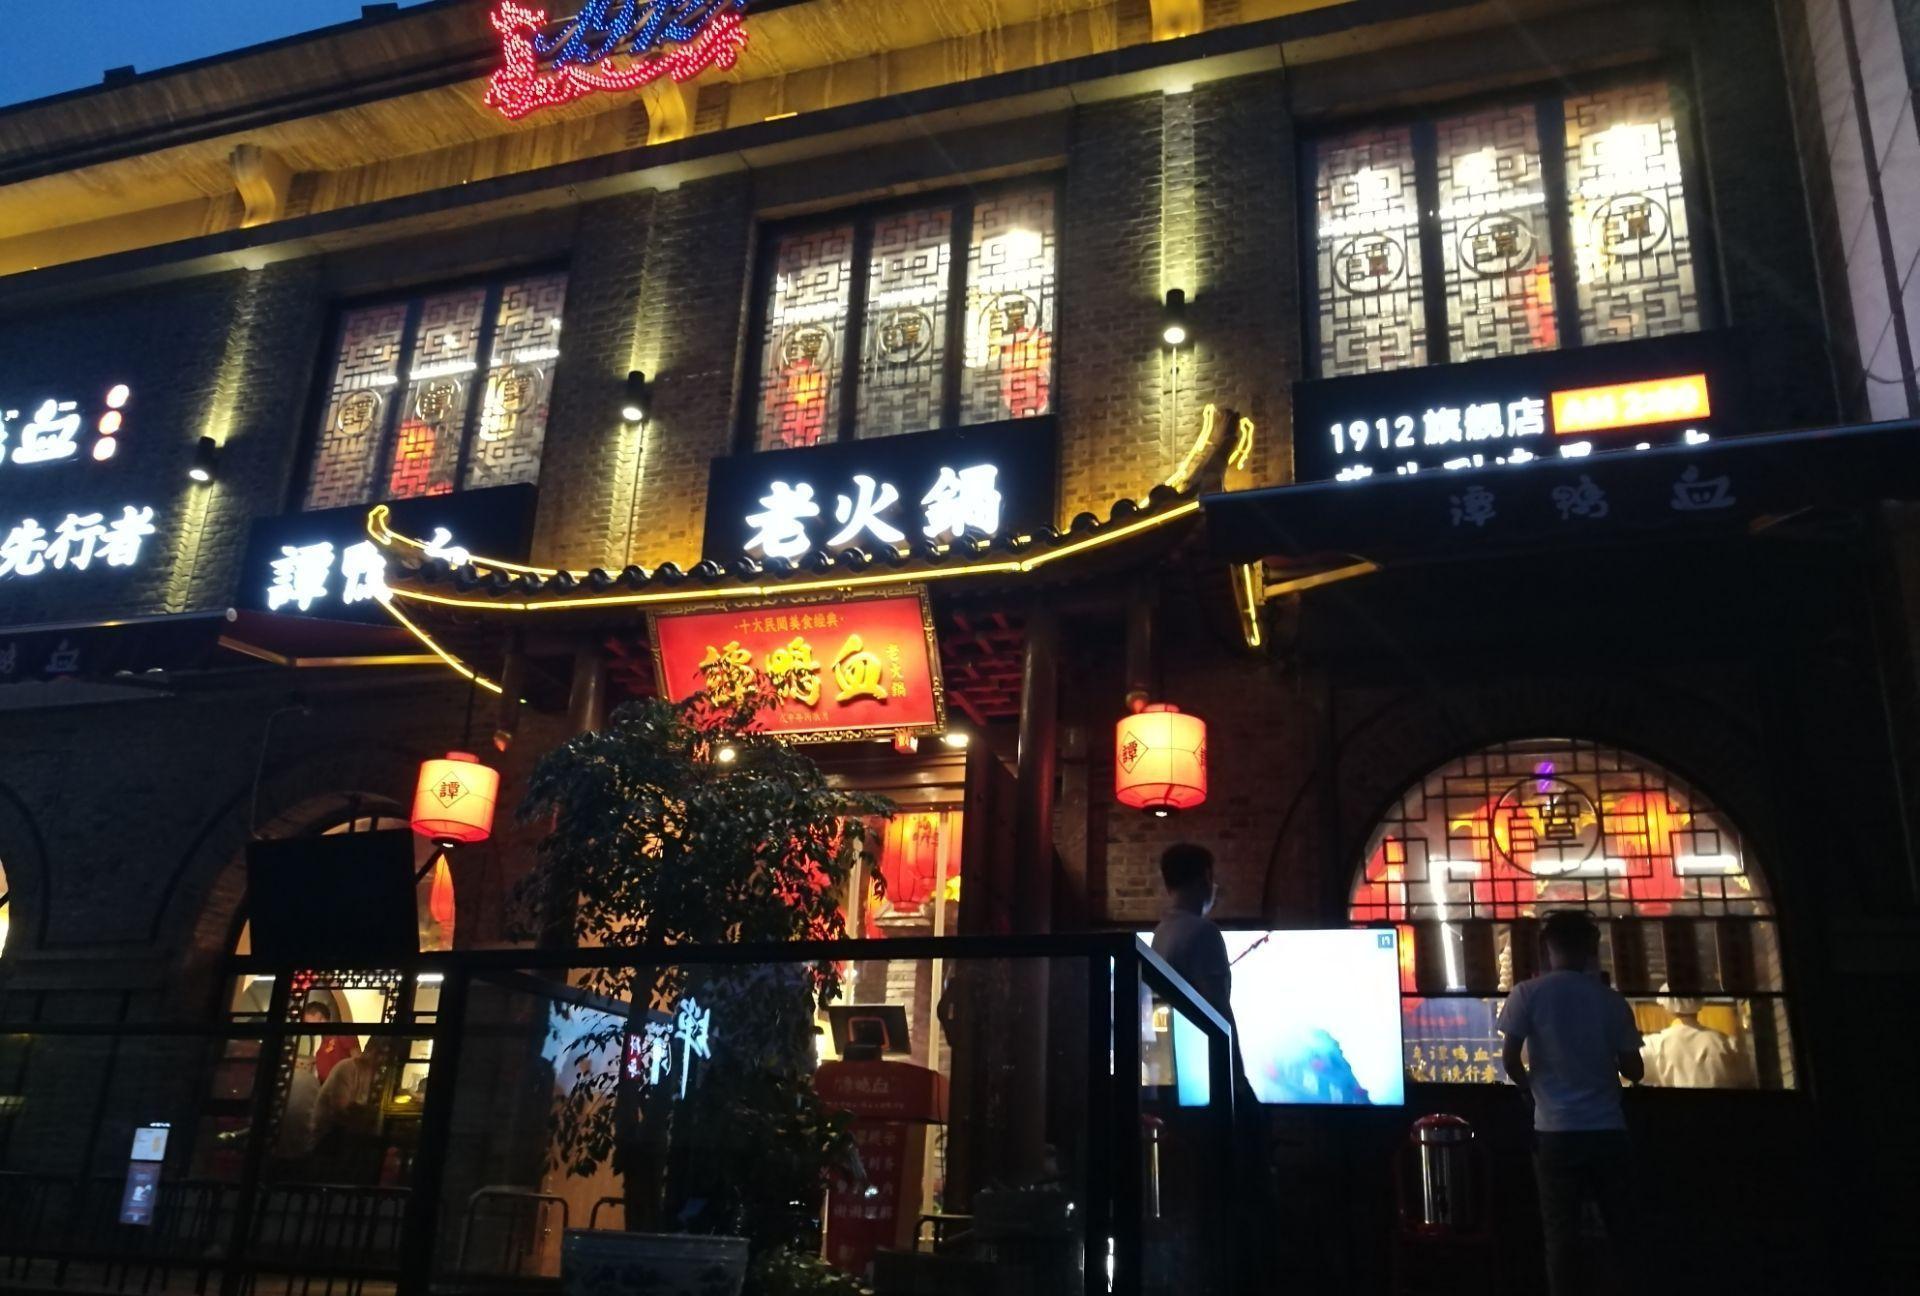 江苏省 南京市 1912街 夜景